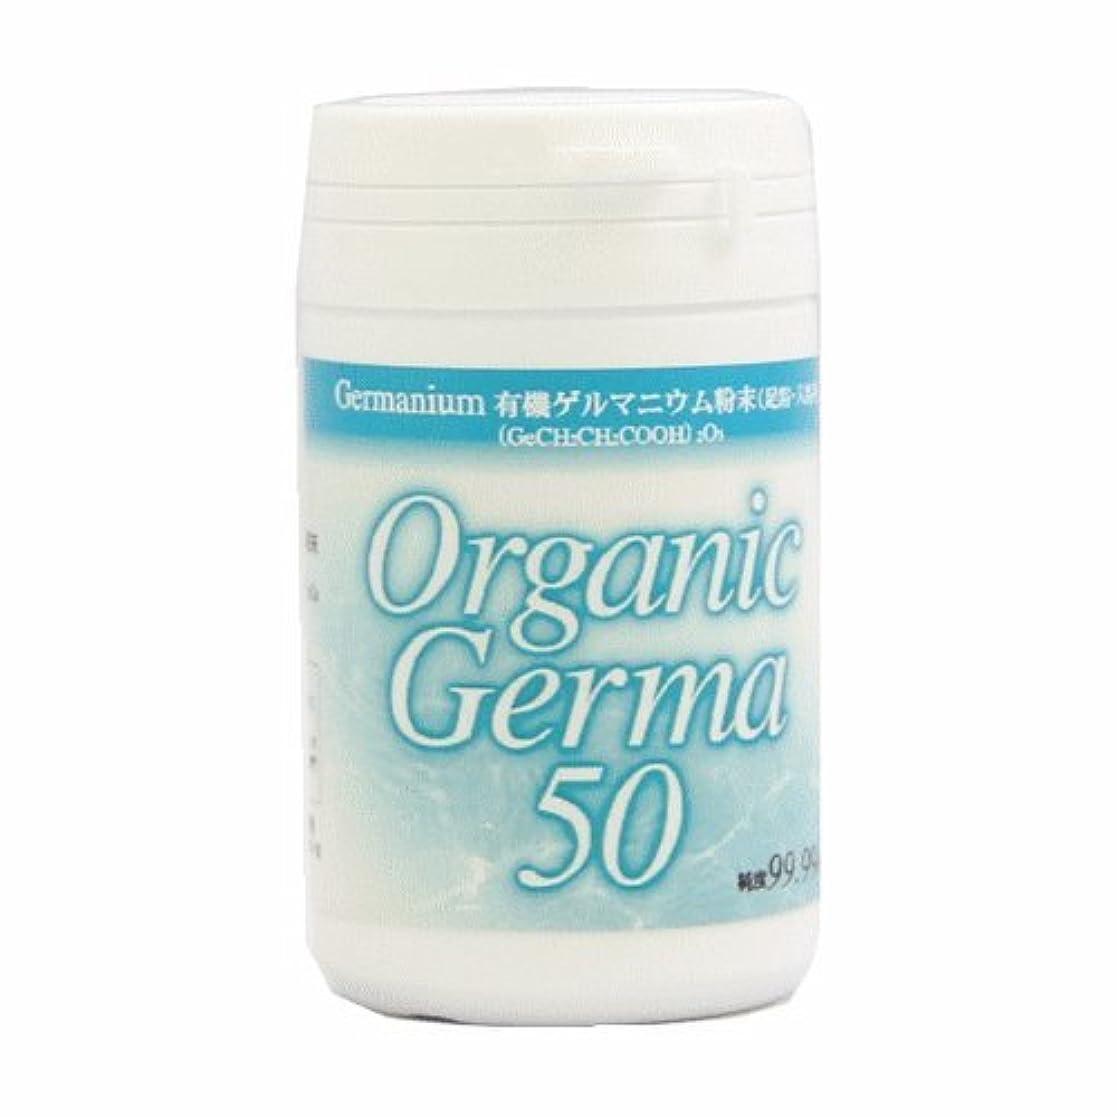 強化監督する重量【有機 ゲルマニウム 粉末 50g (Ge-132) 99.99% 温浴用】 ゲルマ パウダー